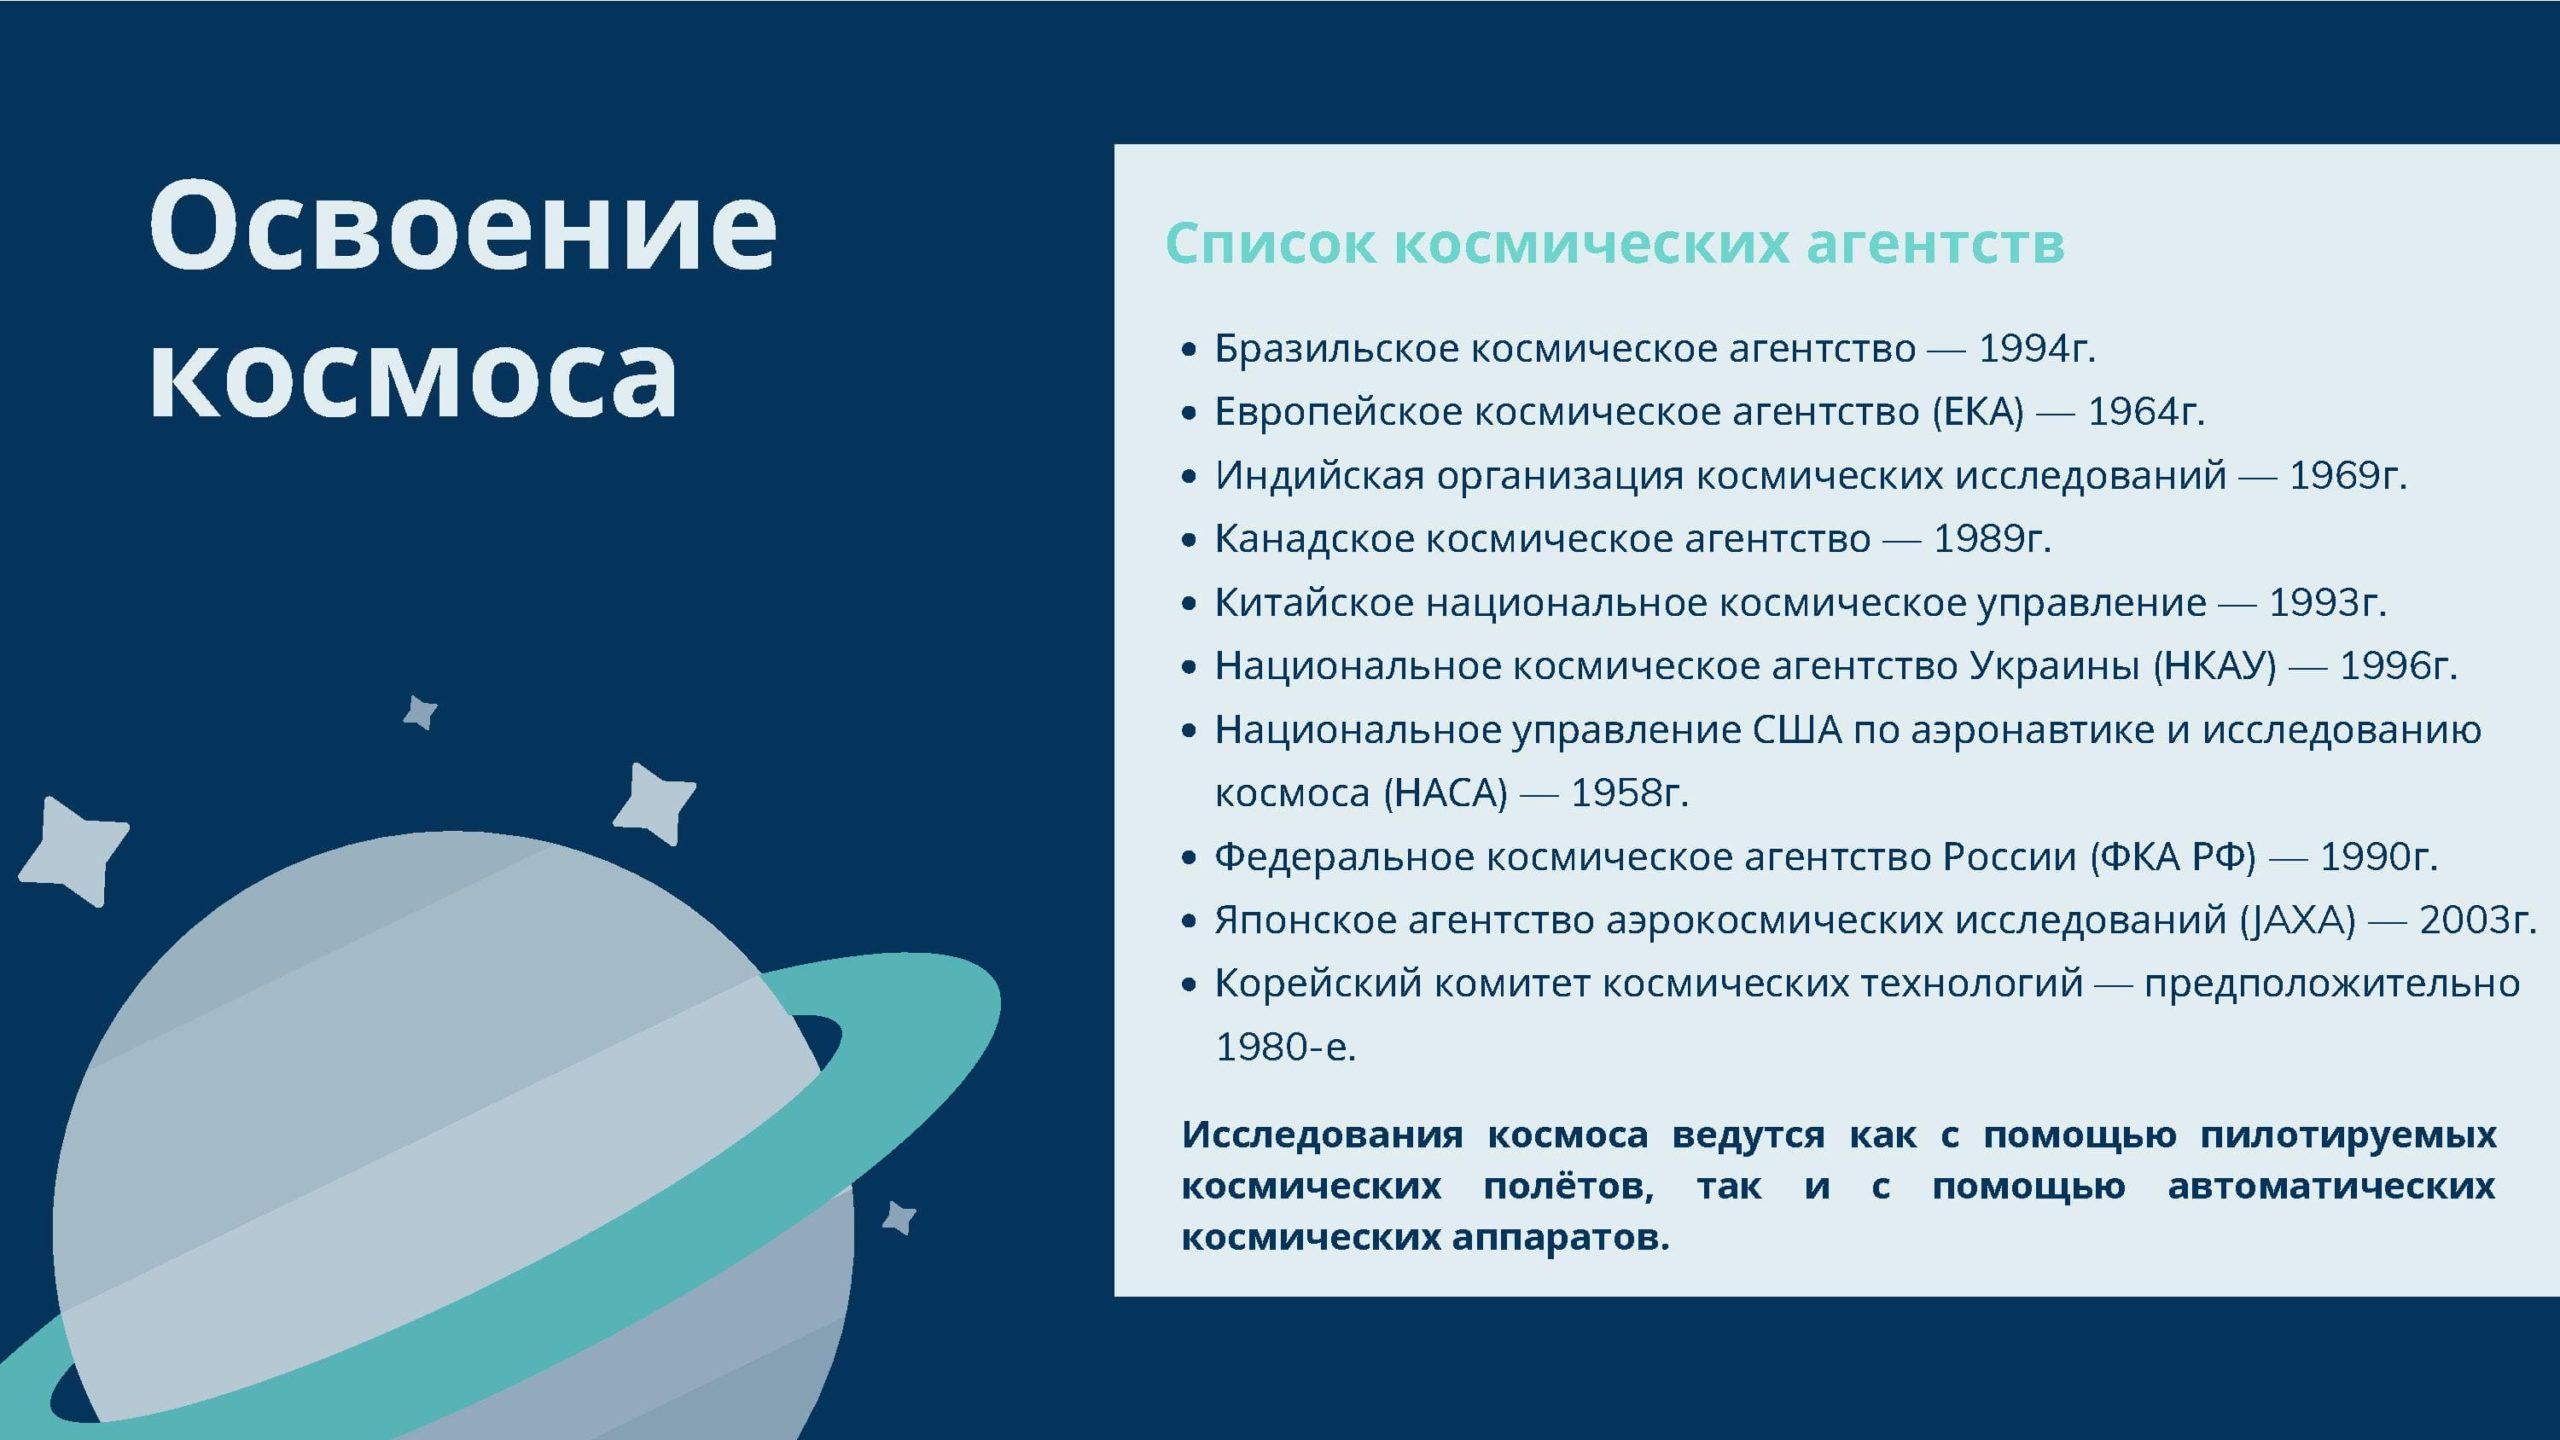 Освоение космоса. Список космических агенств